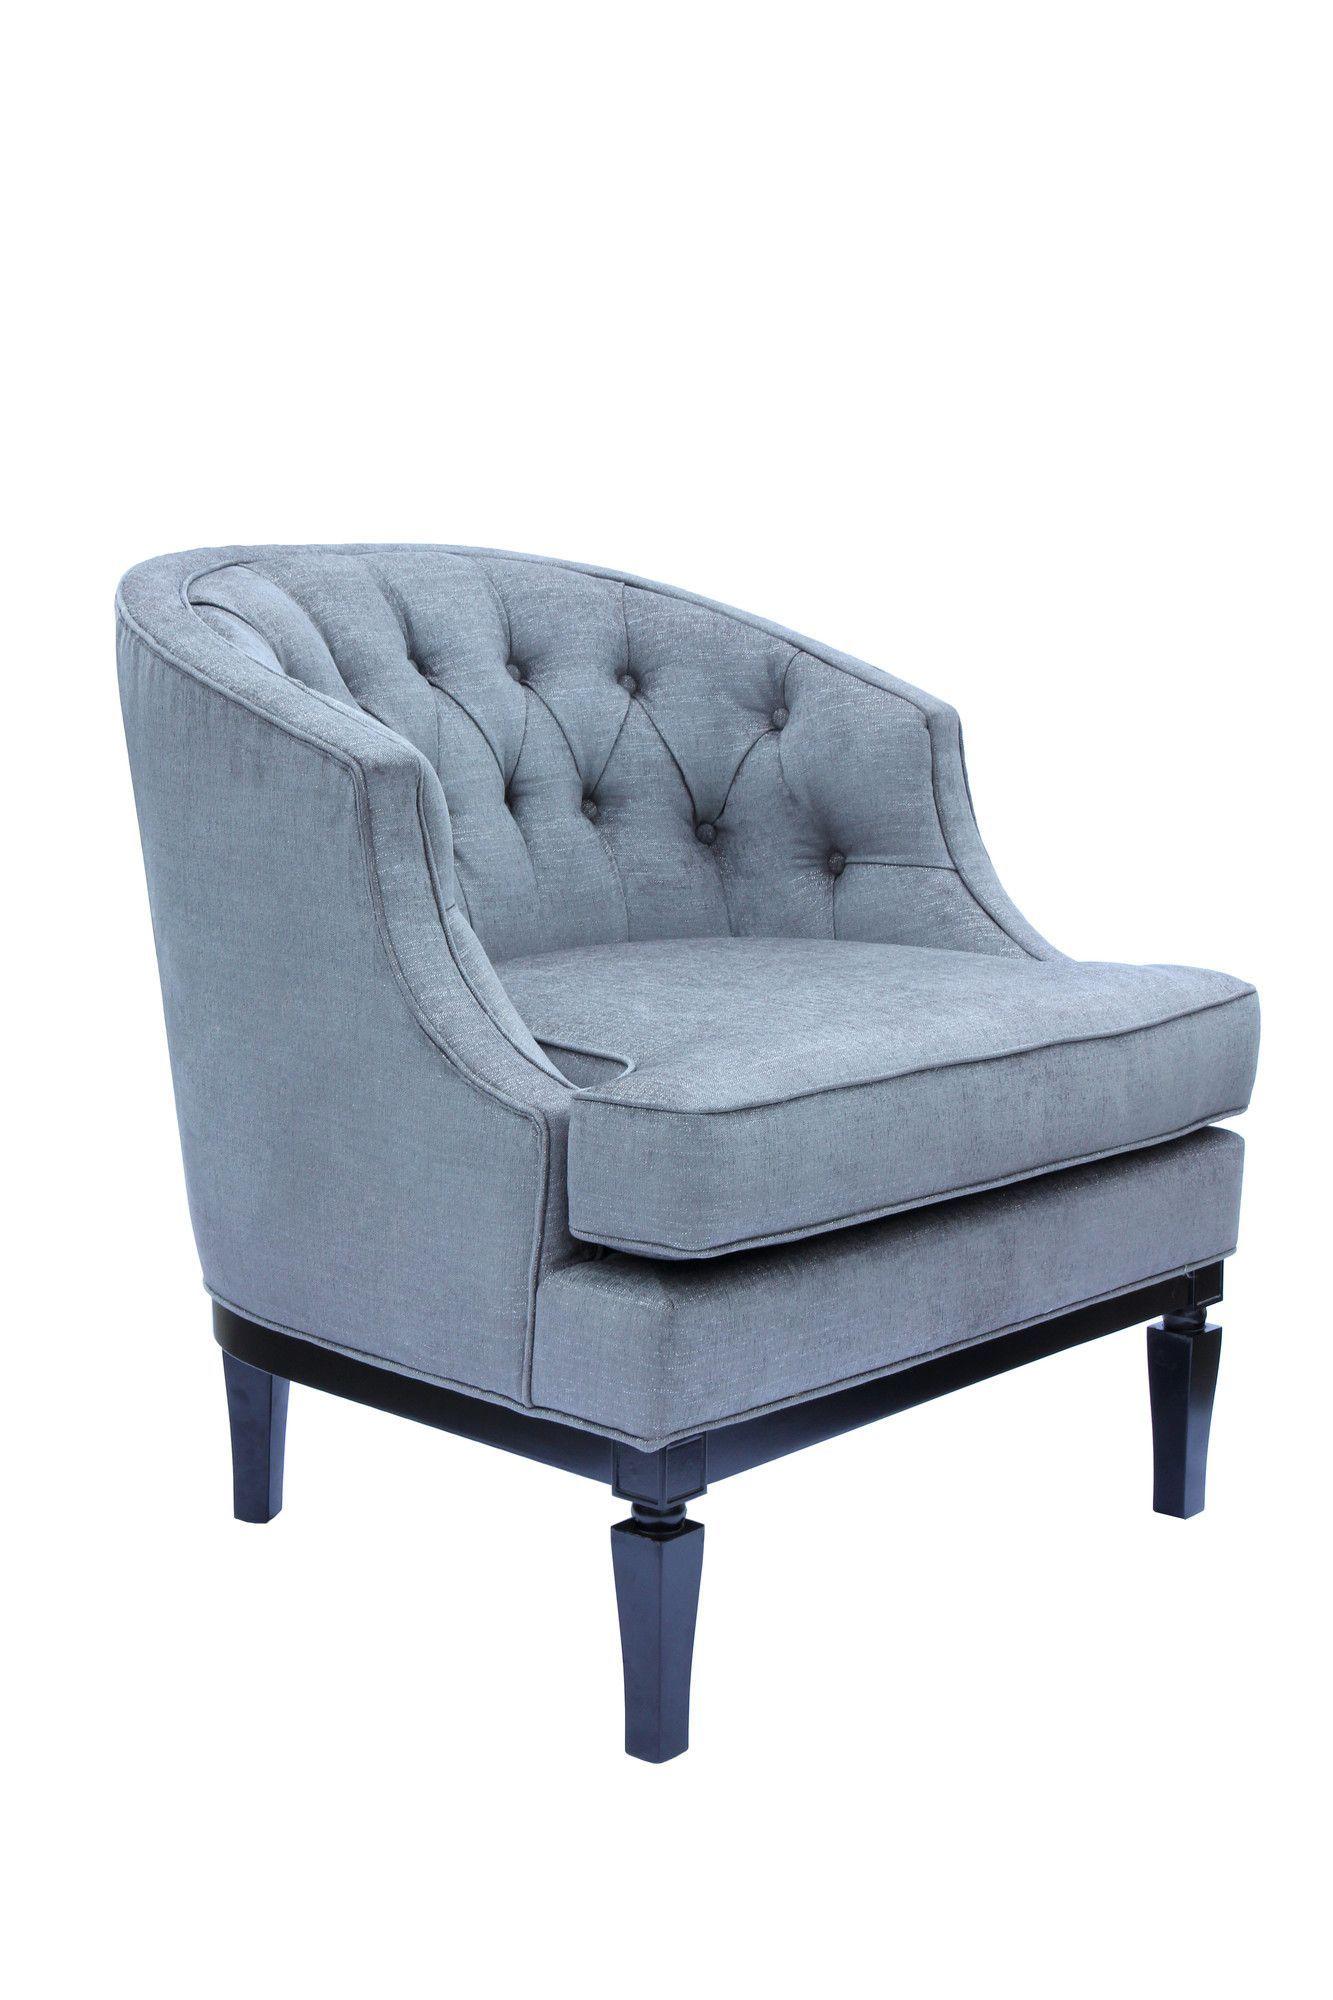 Hd Couture Ashley Club Chair Wayfair Fabric Accent Chair